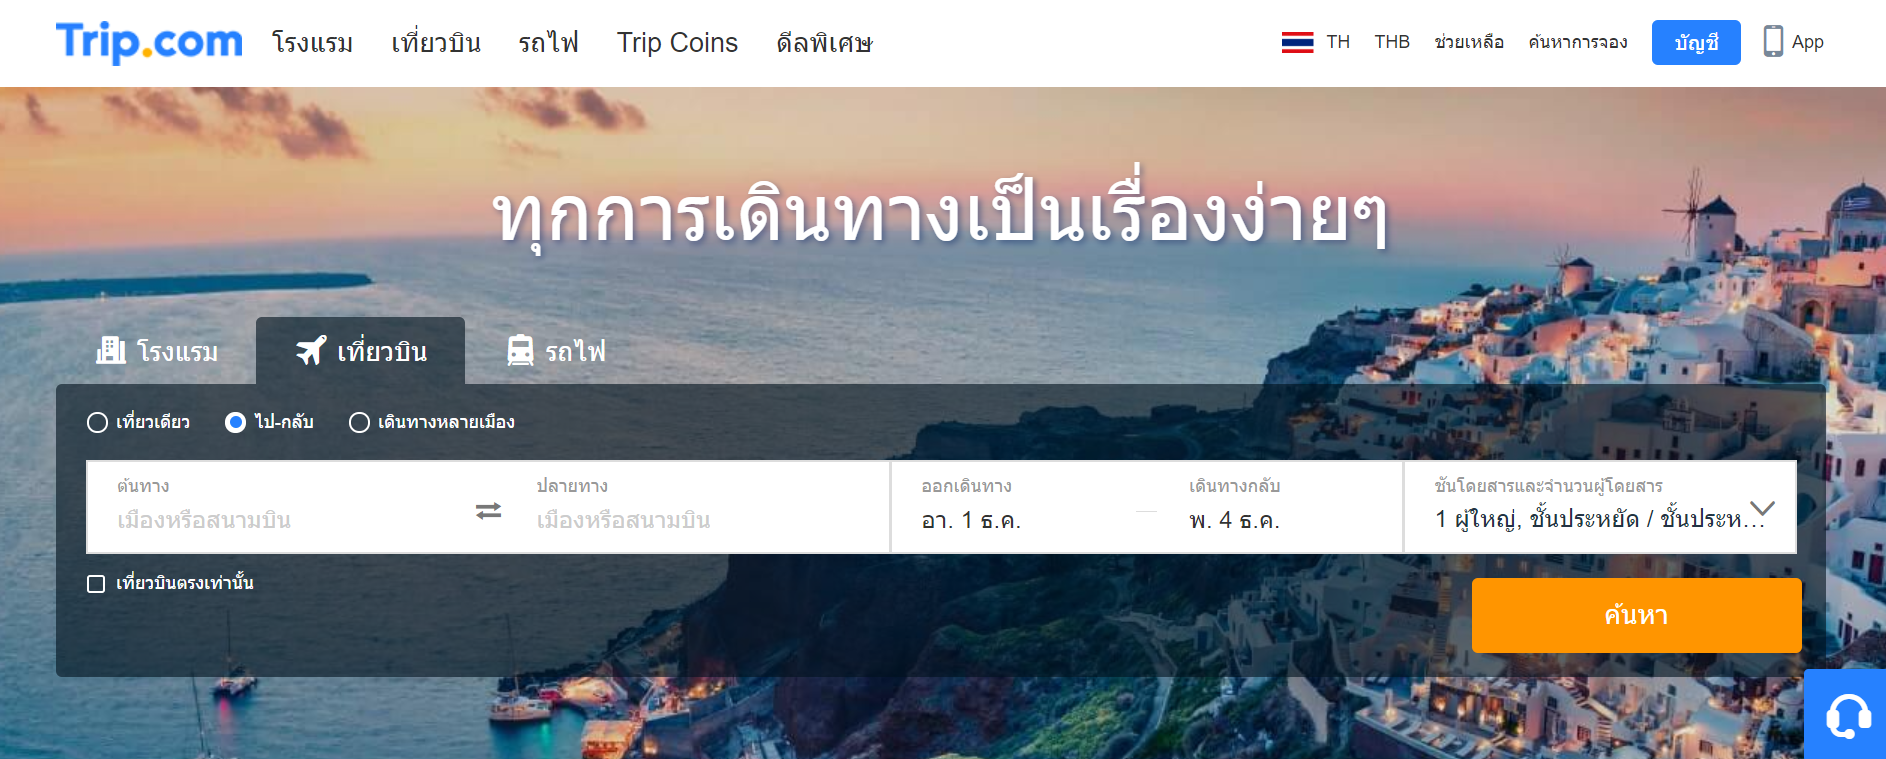 จองอะไรได้บ้างที่ Trip.com? มาดูวิธีการจองออนไลน์แบบง่ายๆ ผ่าน Trip.com กันเถอะ!